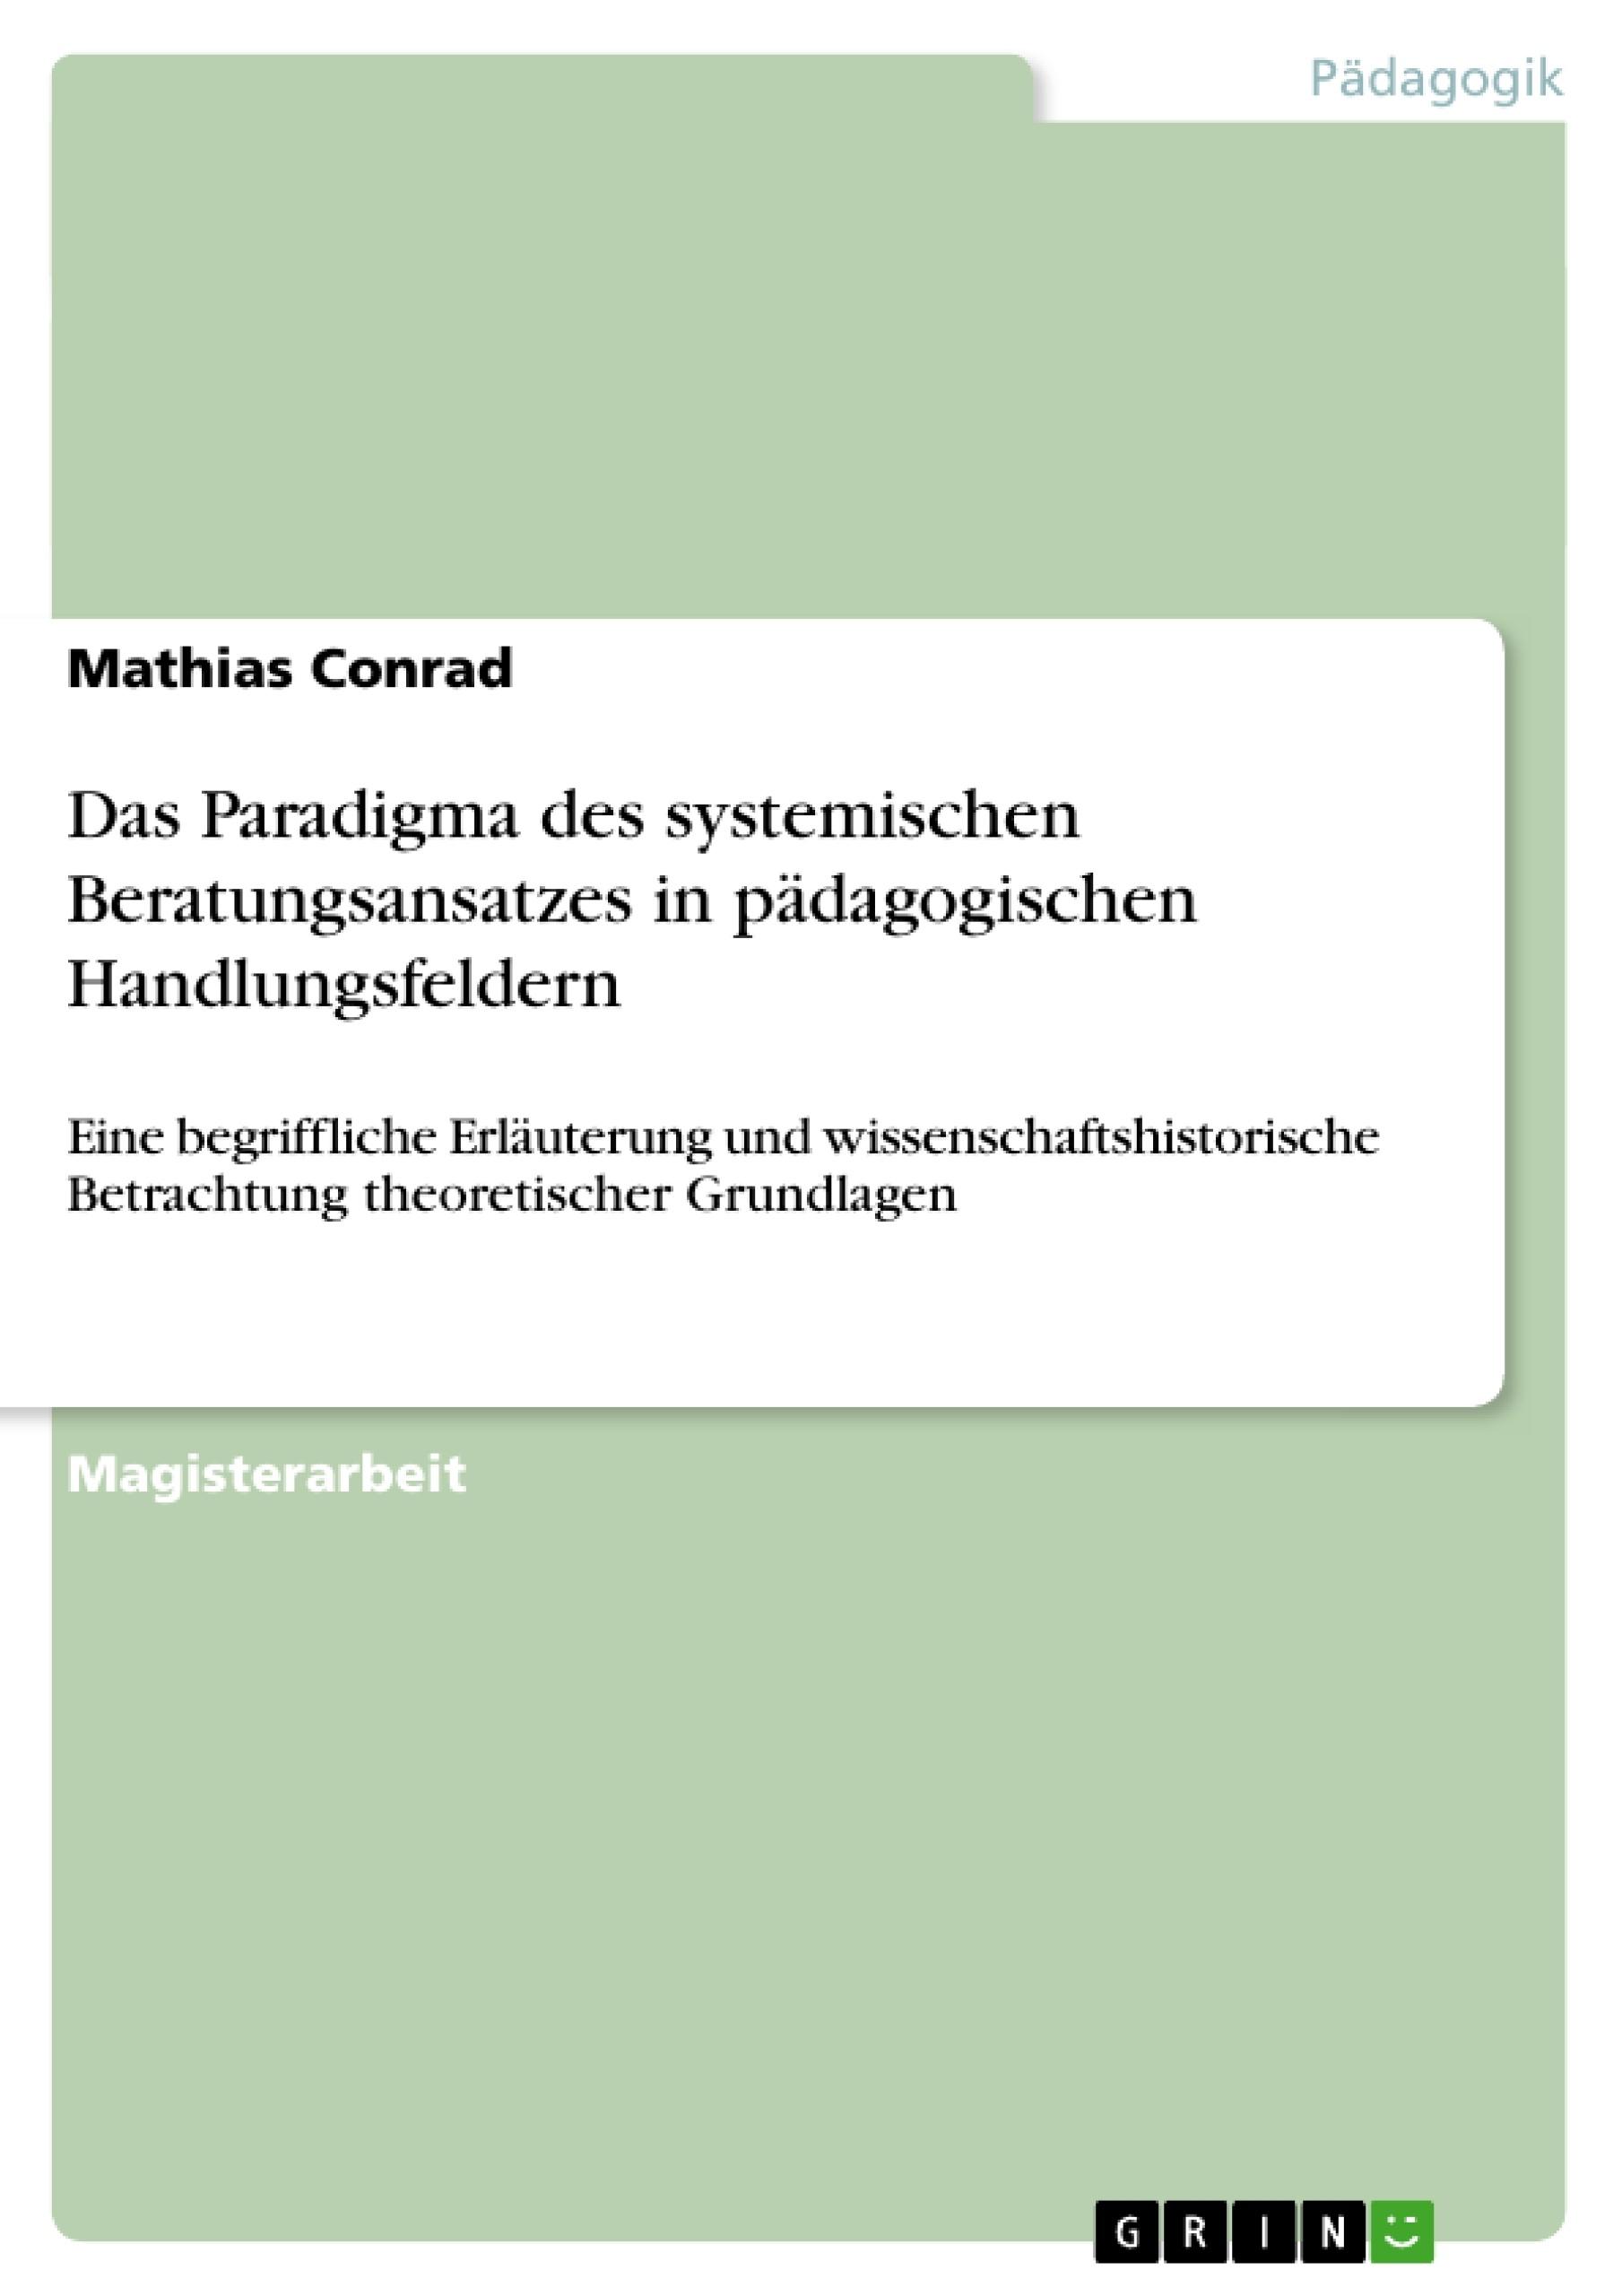 Titel: Das Paradigma des systemischen Beratungsansatzes in pädagogischen Handlungsfeldern